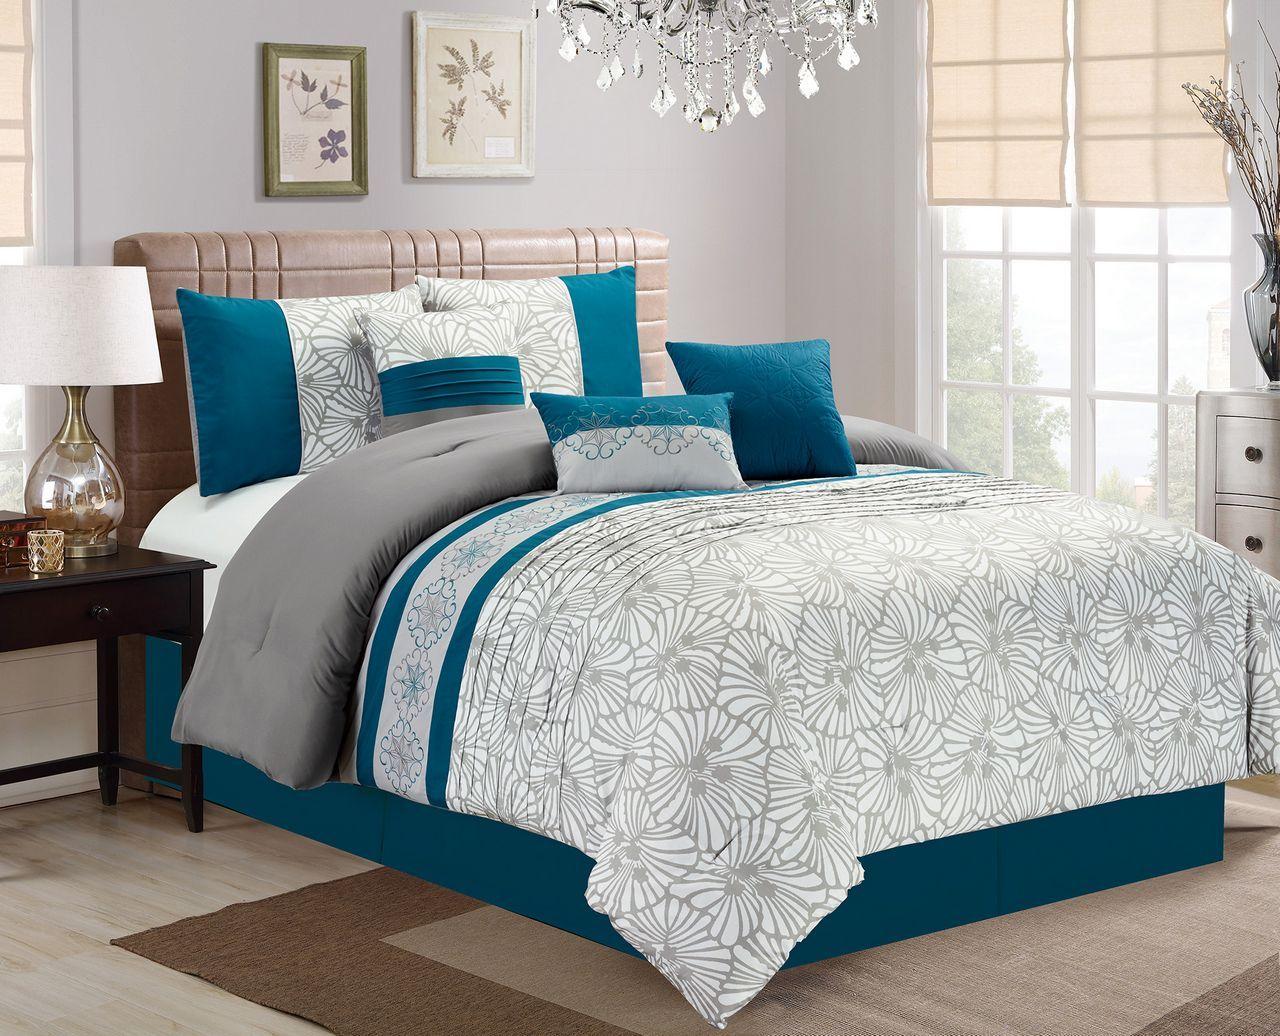 7 Piece Flora Print Teal/Gray/Ivory Comforter Set | Teal ...